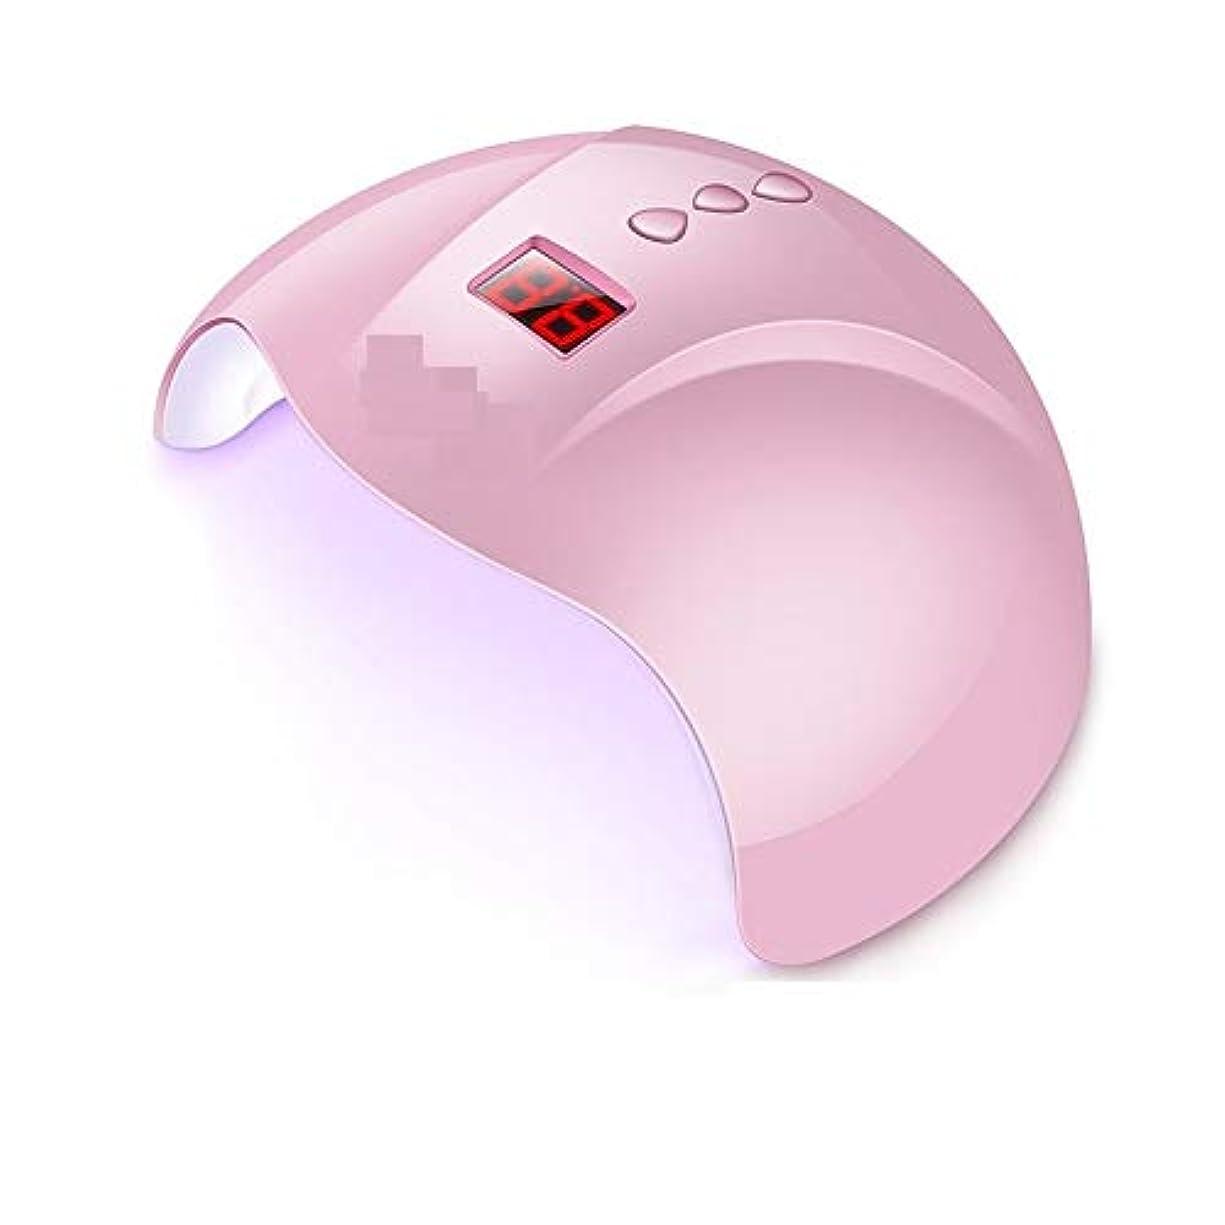 保持する何故なの請負業者LittleCat スマートセンサ36WポーランドゴムバンドドライヤーLED + UVランプライトセラピーネイル速乾性ネイルマシン (色 : 36w white)